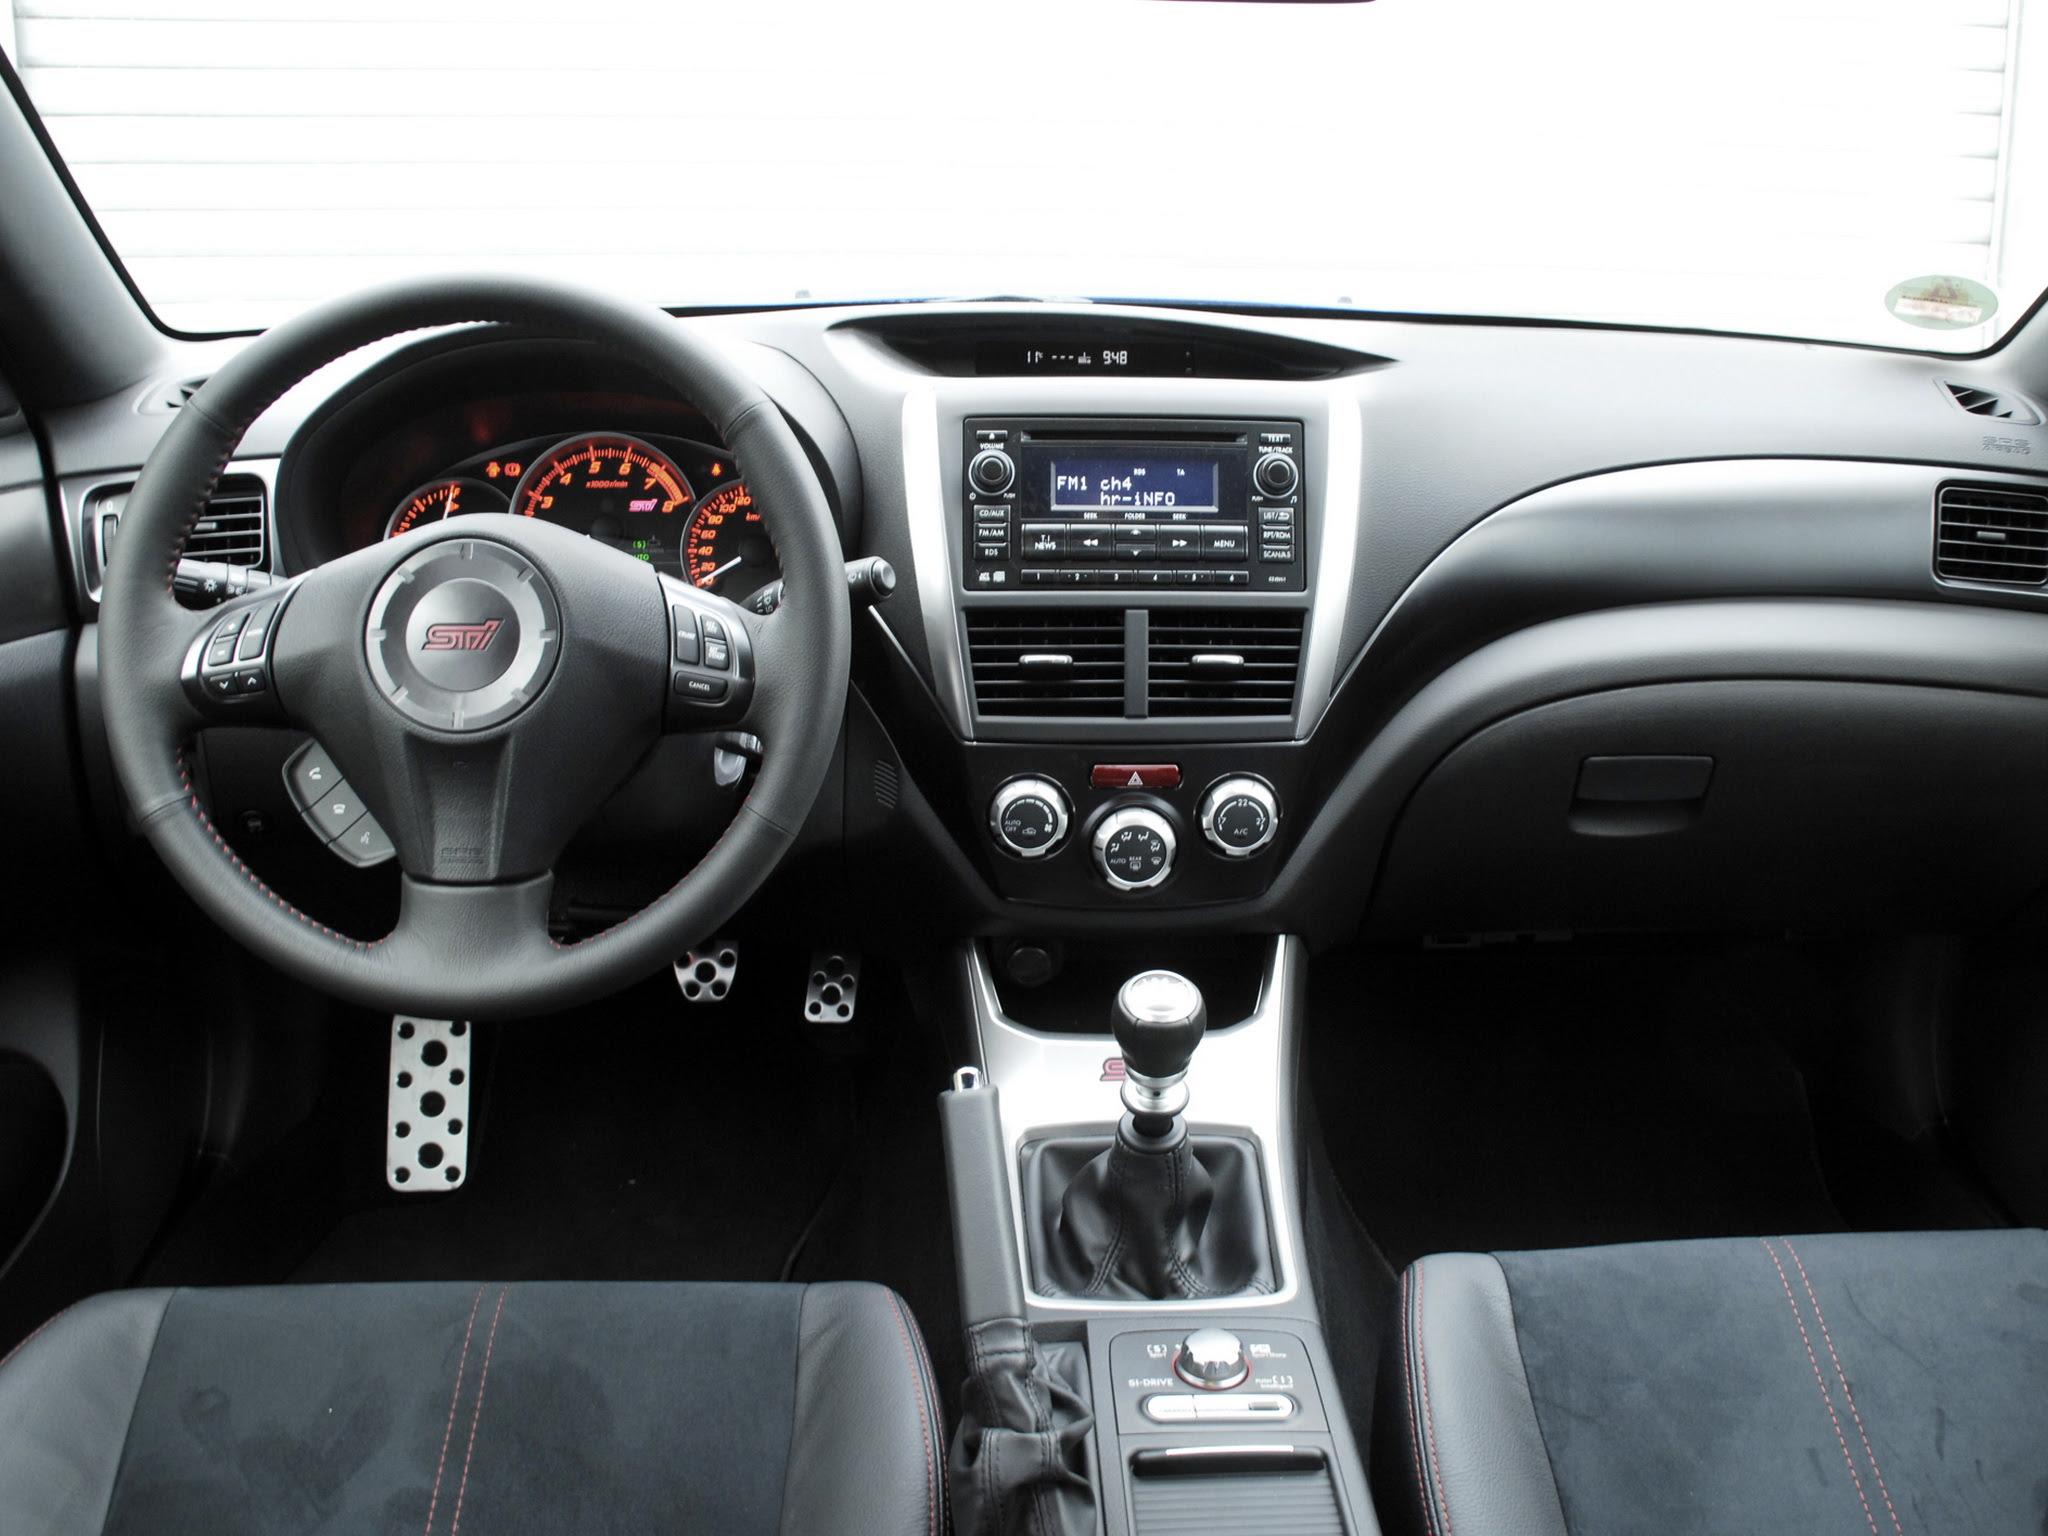 20 New Subaru Impreza Wrx Sti Automatic Transmission